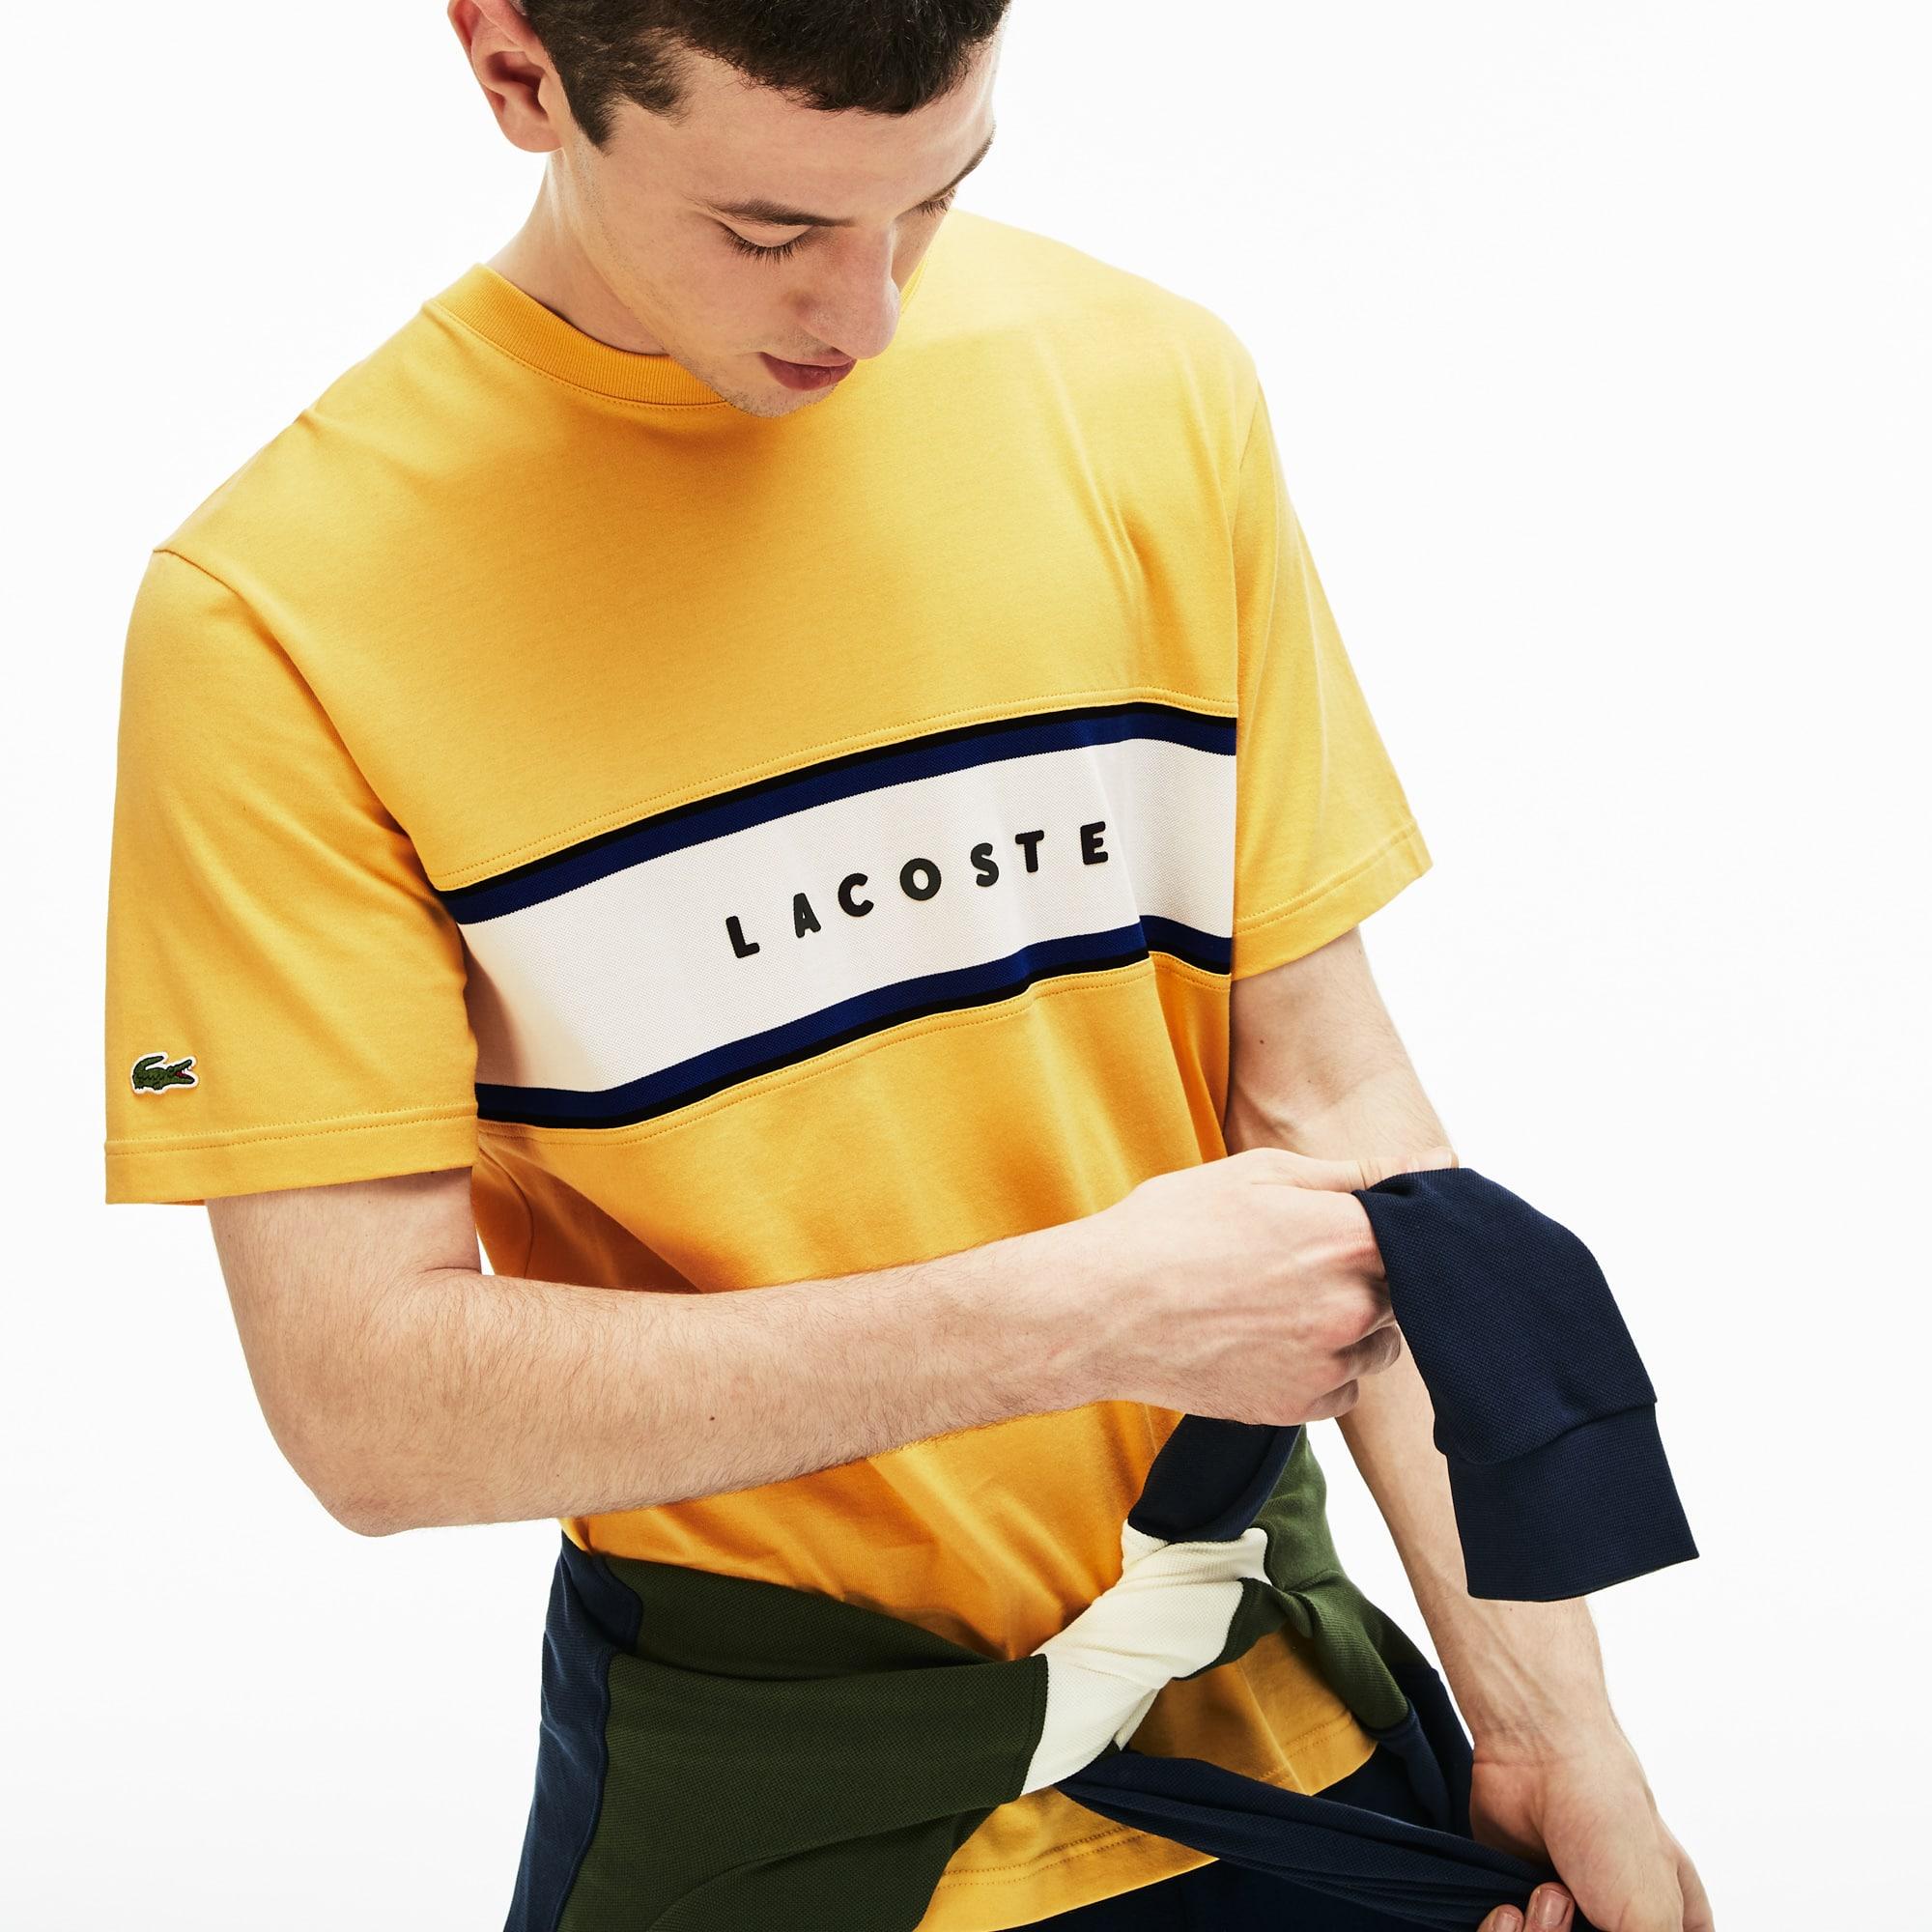 Men's Crew Neck Cotton T-shirt